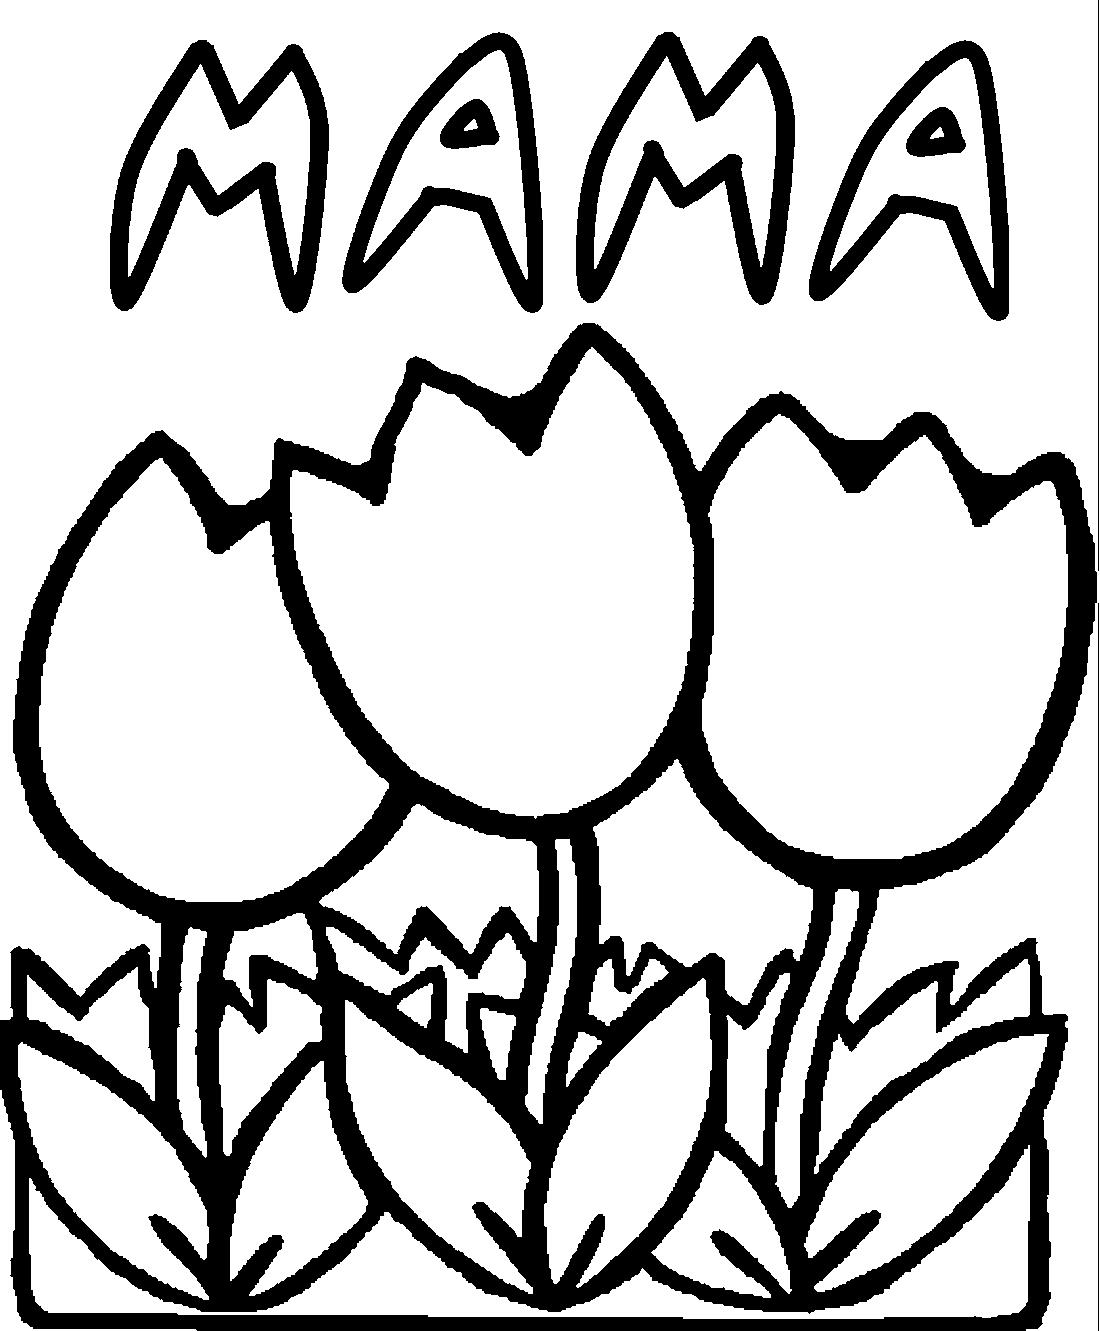 тоже раскраска открытка для малышей 3-4 года вареньем трухлявый